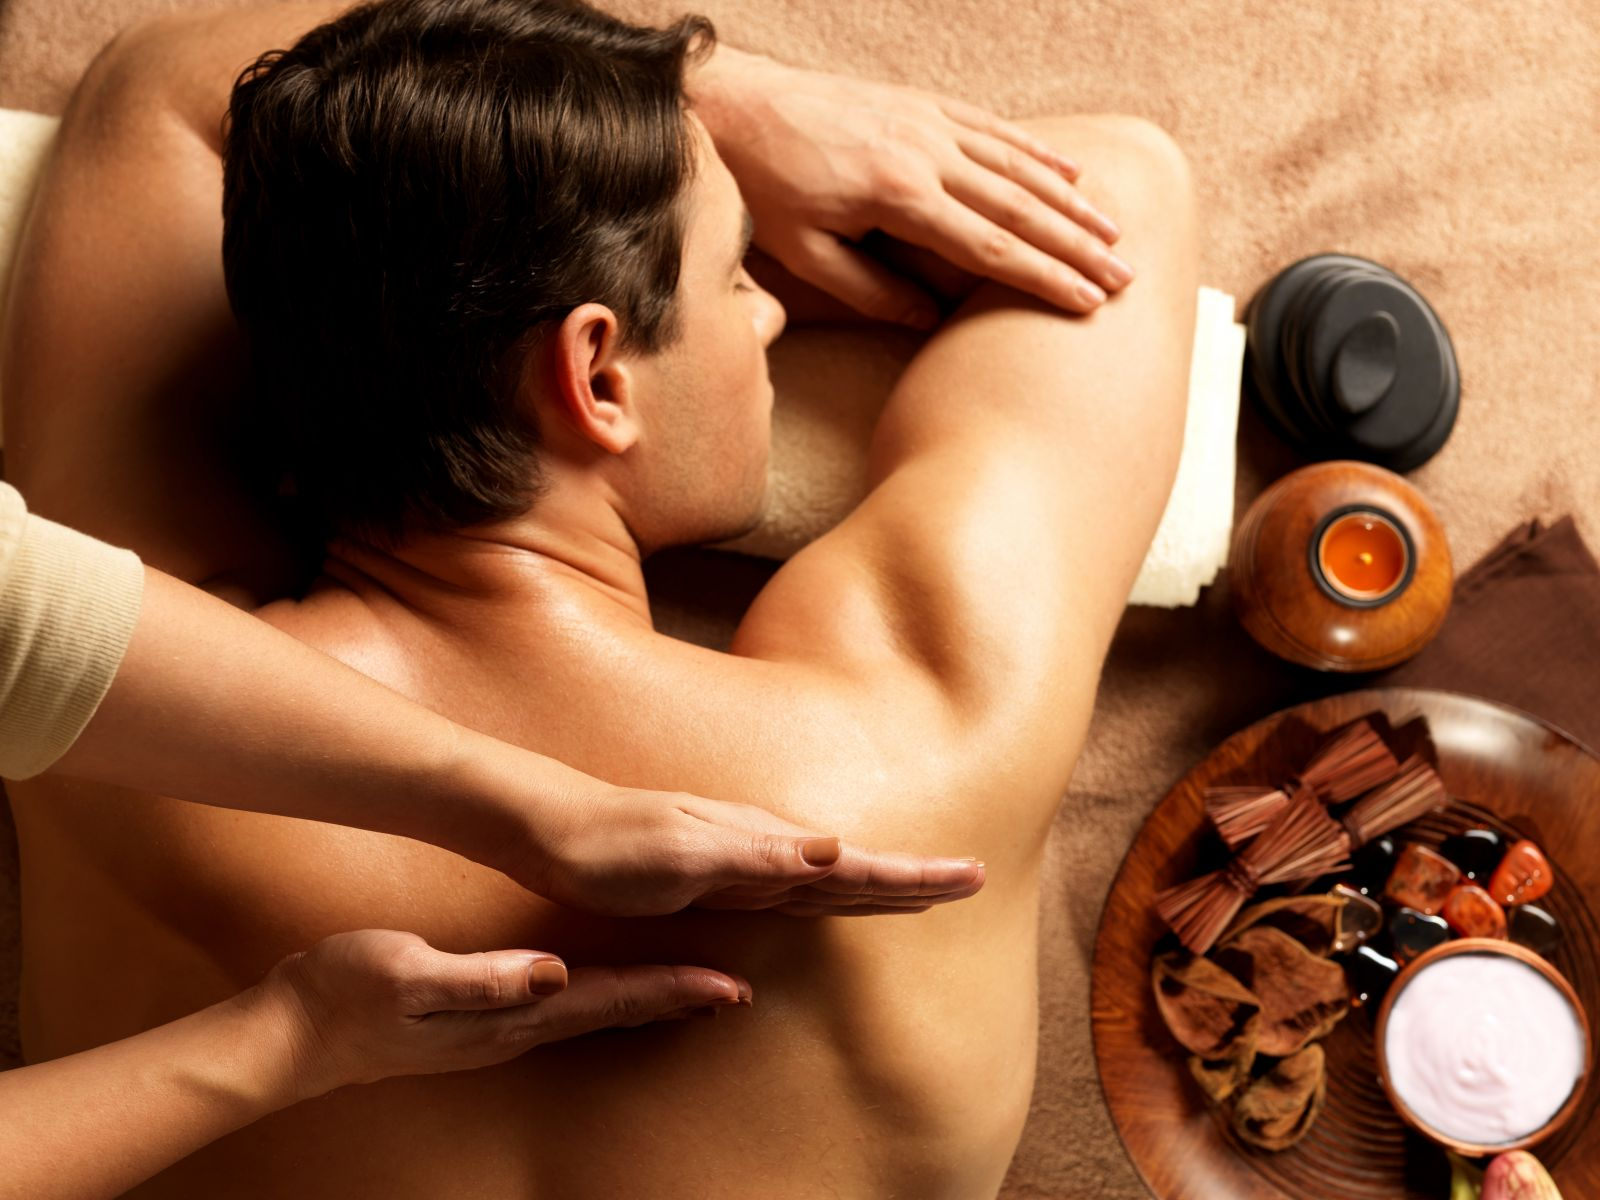 Эротический массаж для мужчины как доставить удовольствие мужчине секс орал и массаж